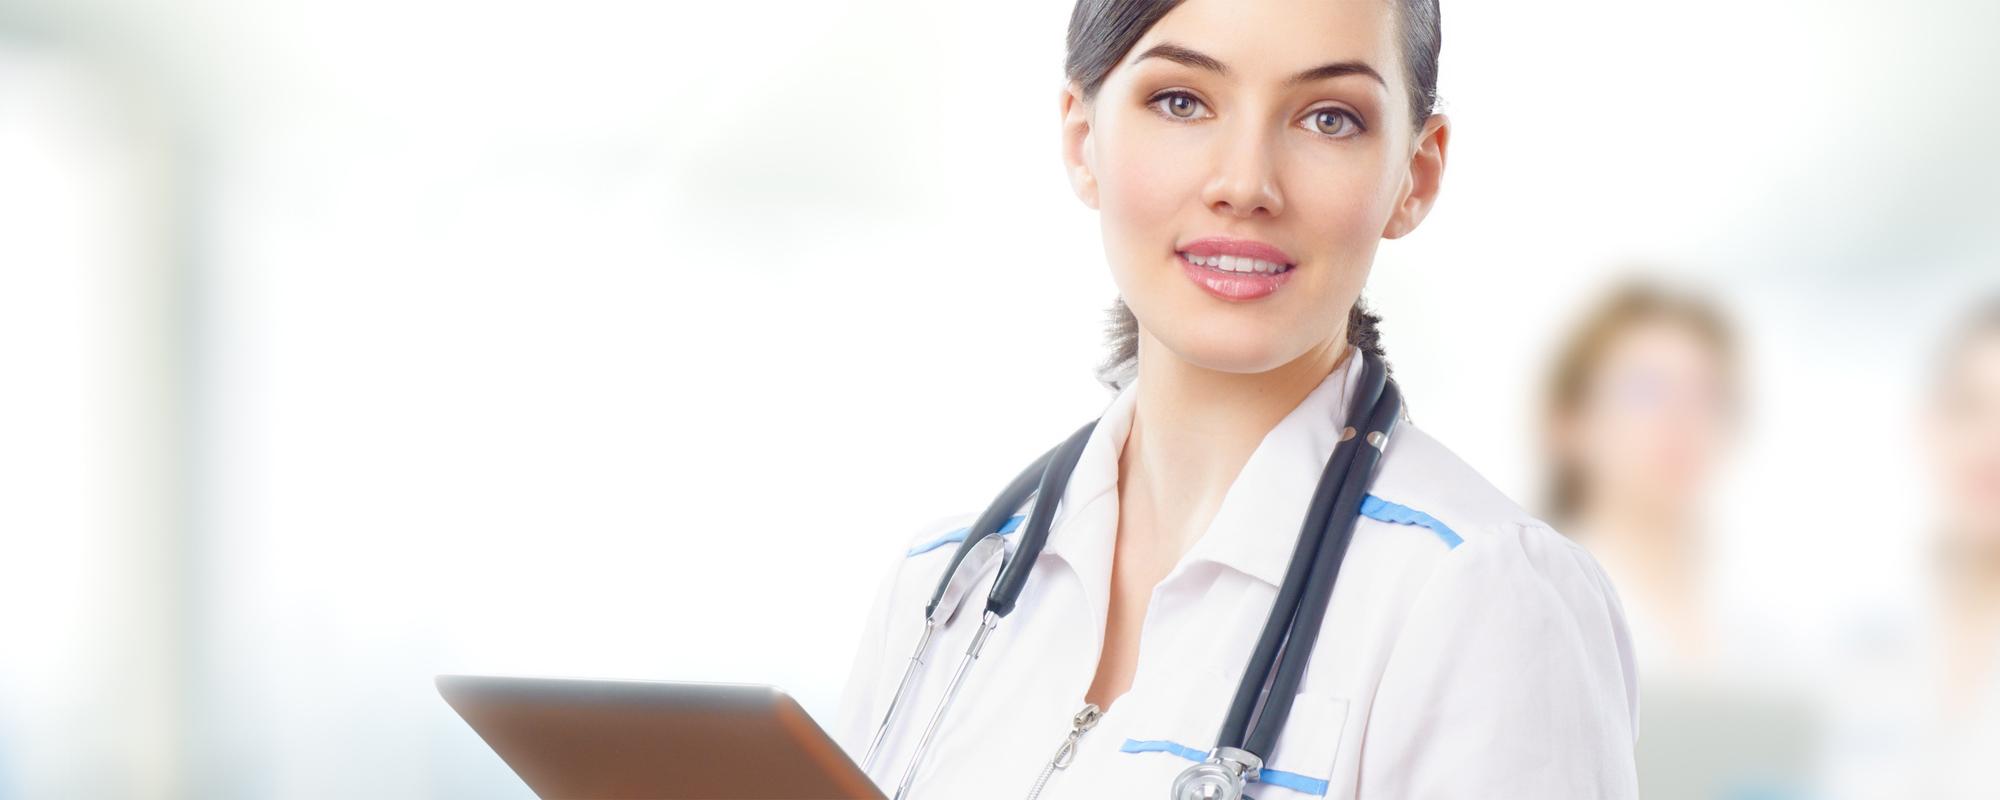 Een overzicht van <span>ziekenhuizen</span>, <span>provincies</span> en <span>dokters</span>